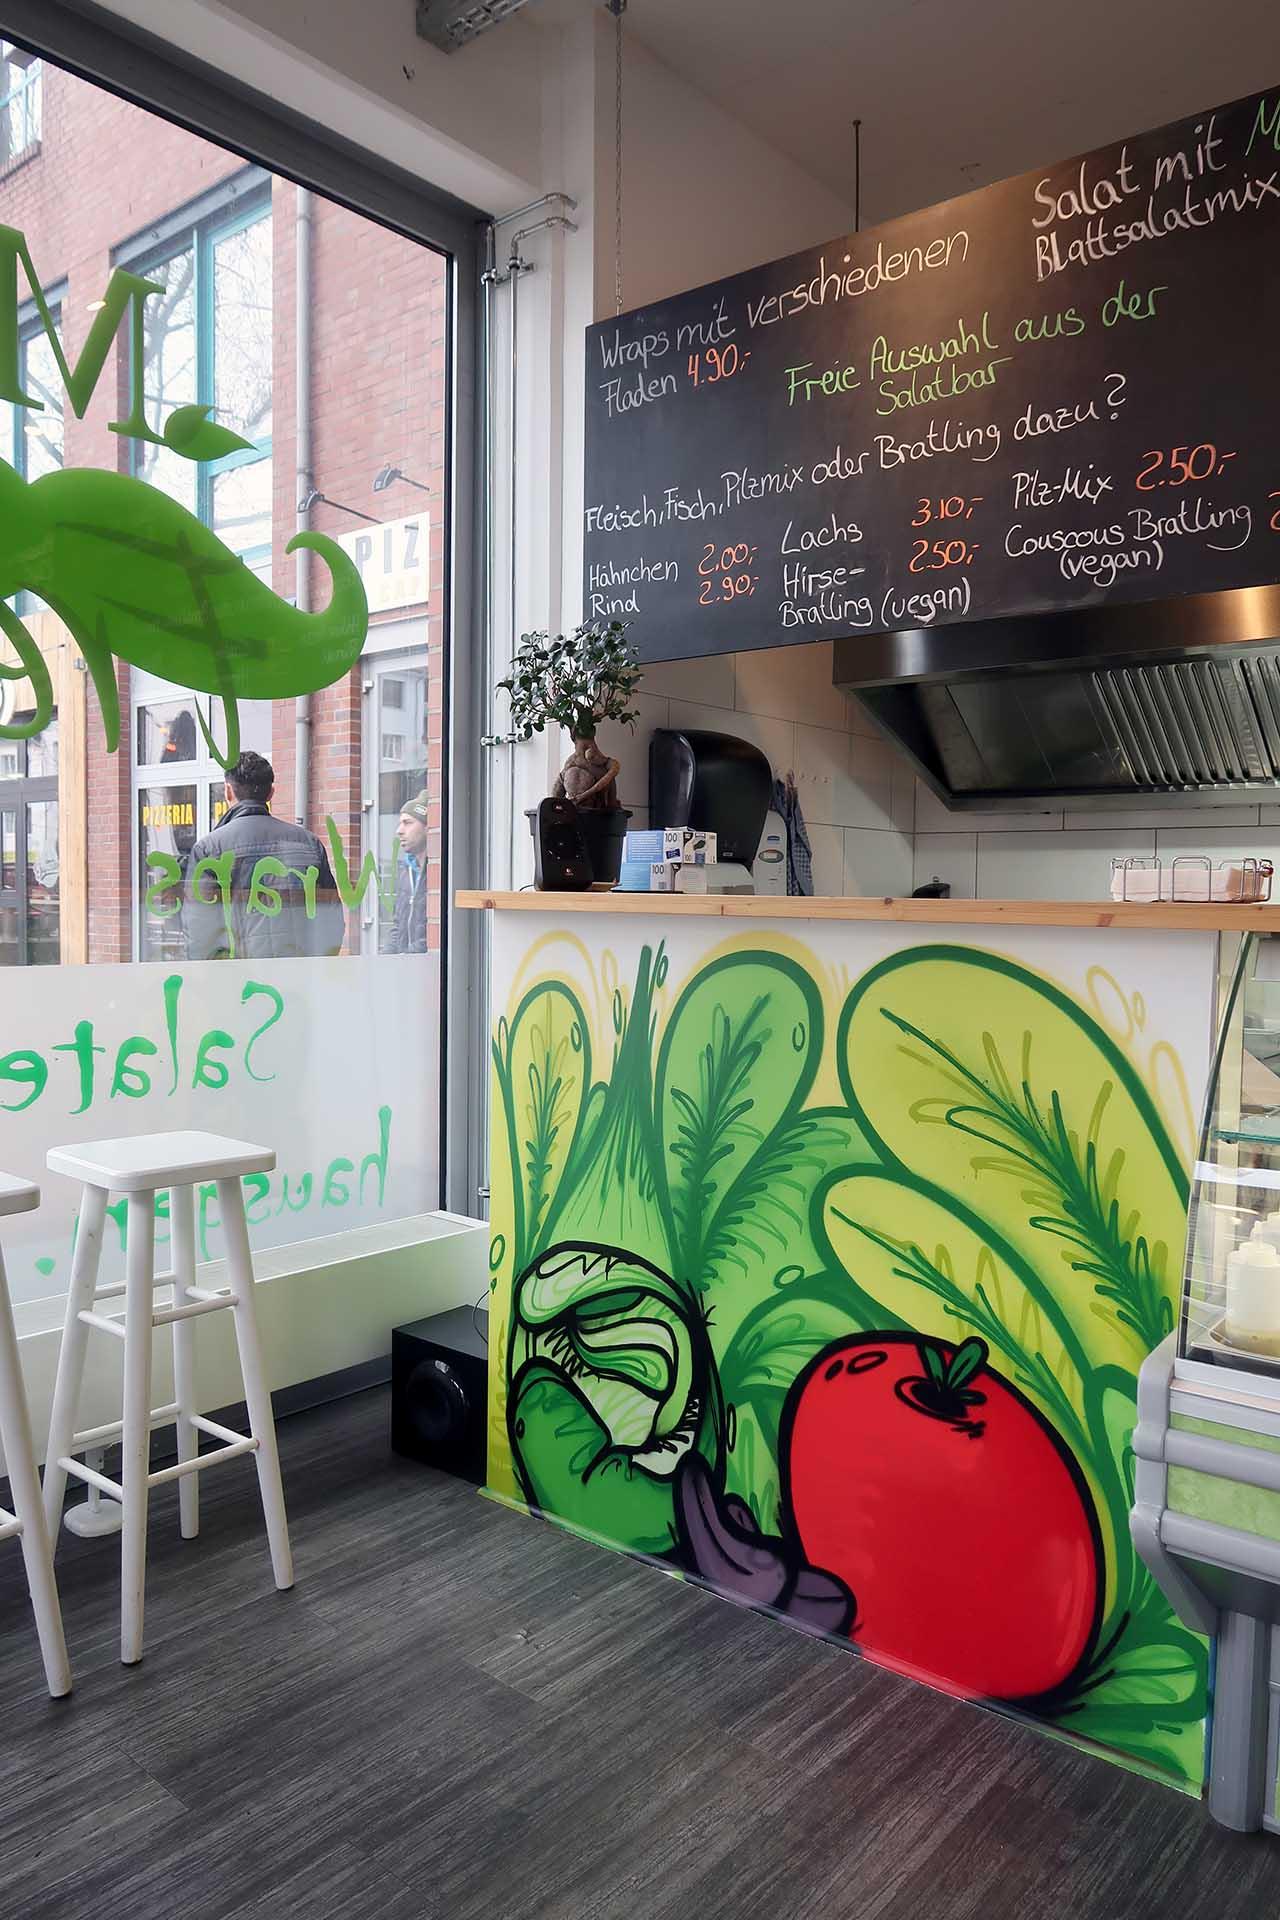 Laden, Graffiti, Münster, Fresh, Salat, Gemüse, Auckz, Sprayen, Design, Bennet Grüttner